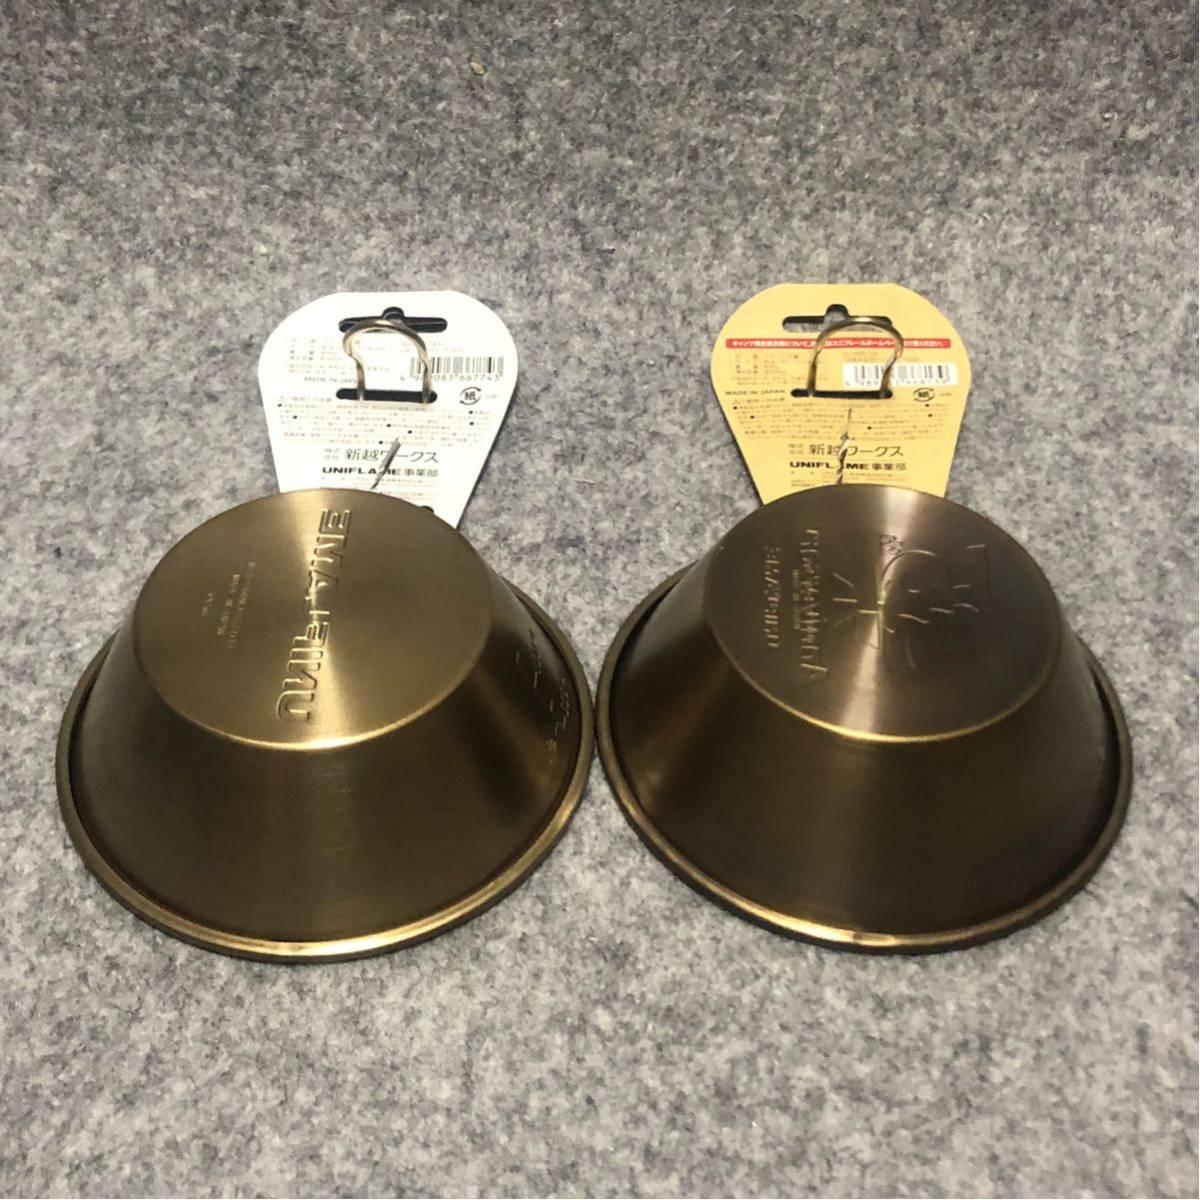 ユニフレーム ステンレスシェラカップ 300ml  GOLDEN  BROWN 2個セット